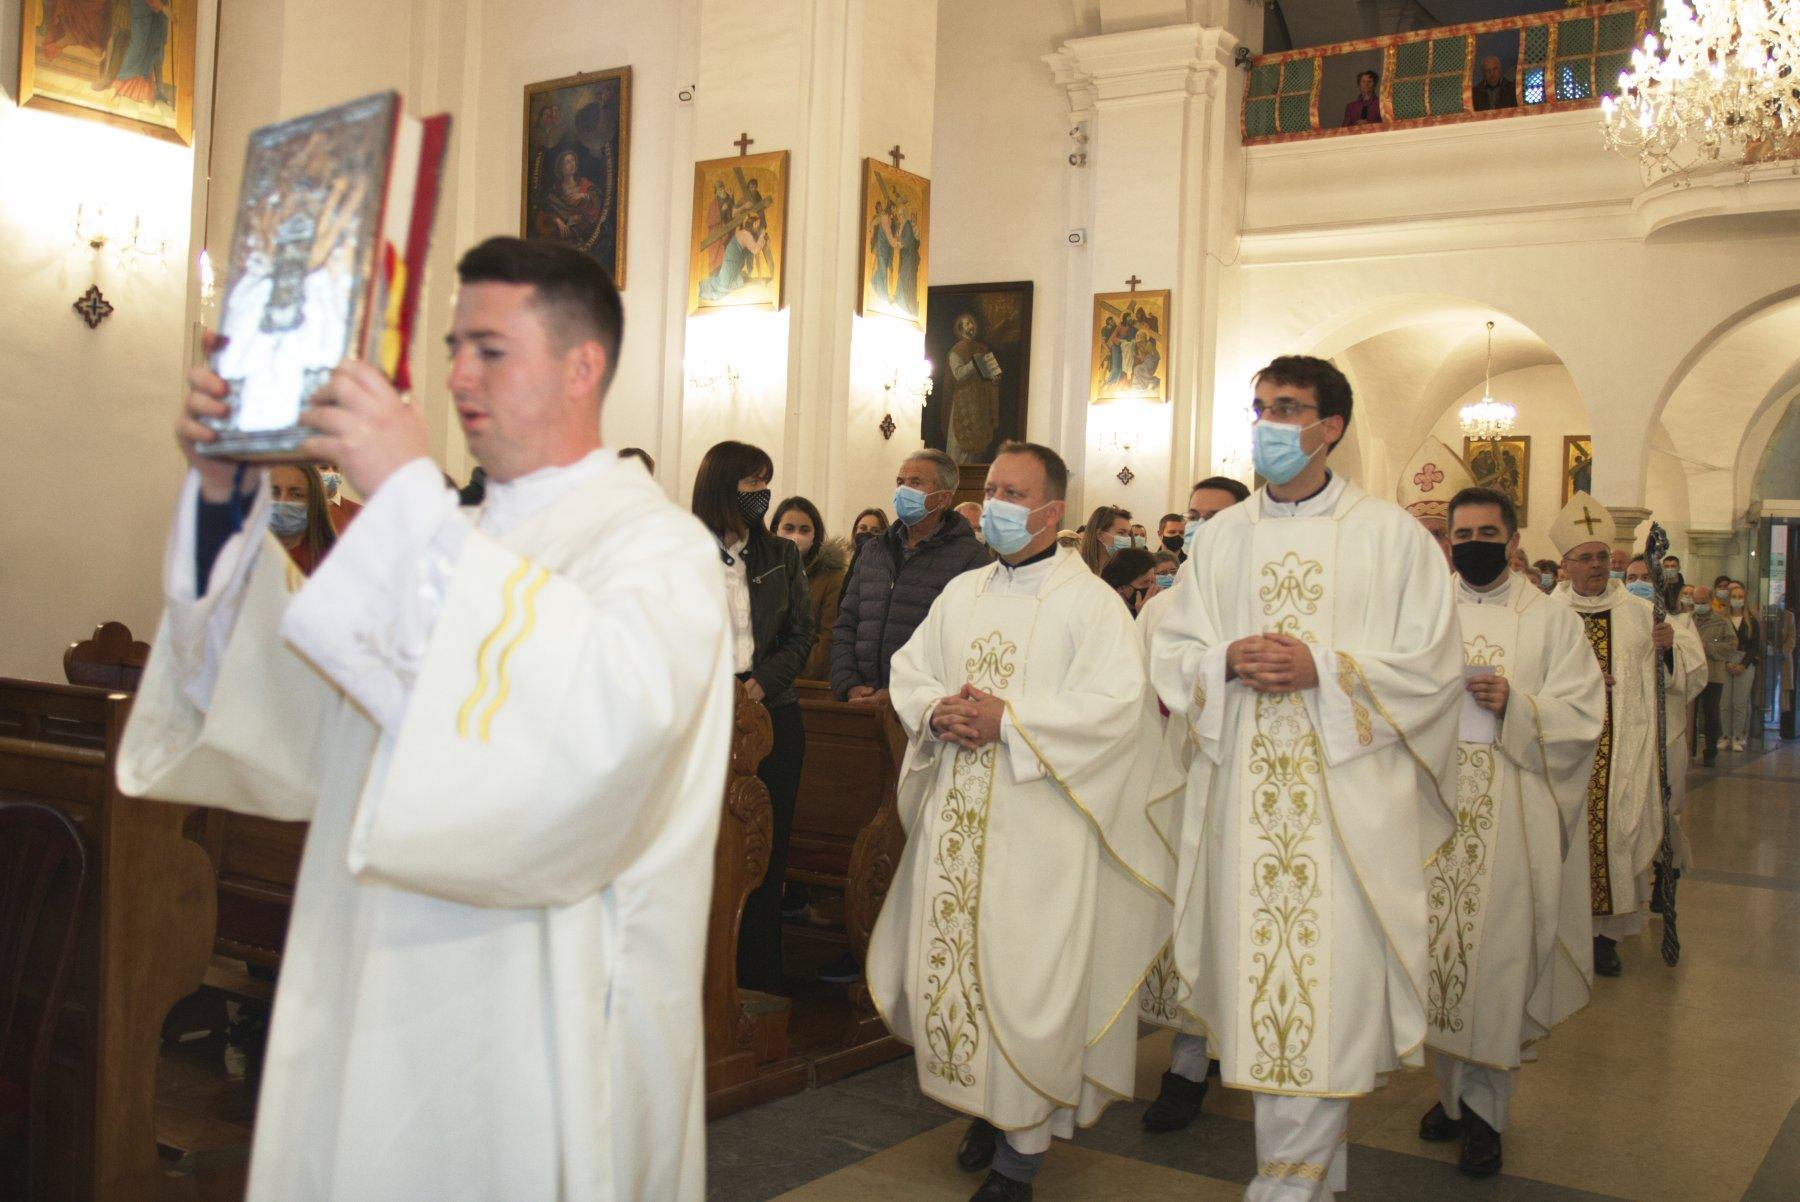 Misa Zaziva Duha Svetog i otvaranje Sinodalnog hoda u Varaždinskoj biskupiji